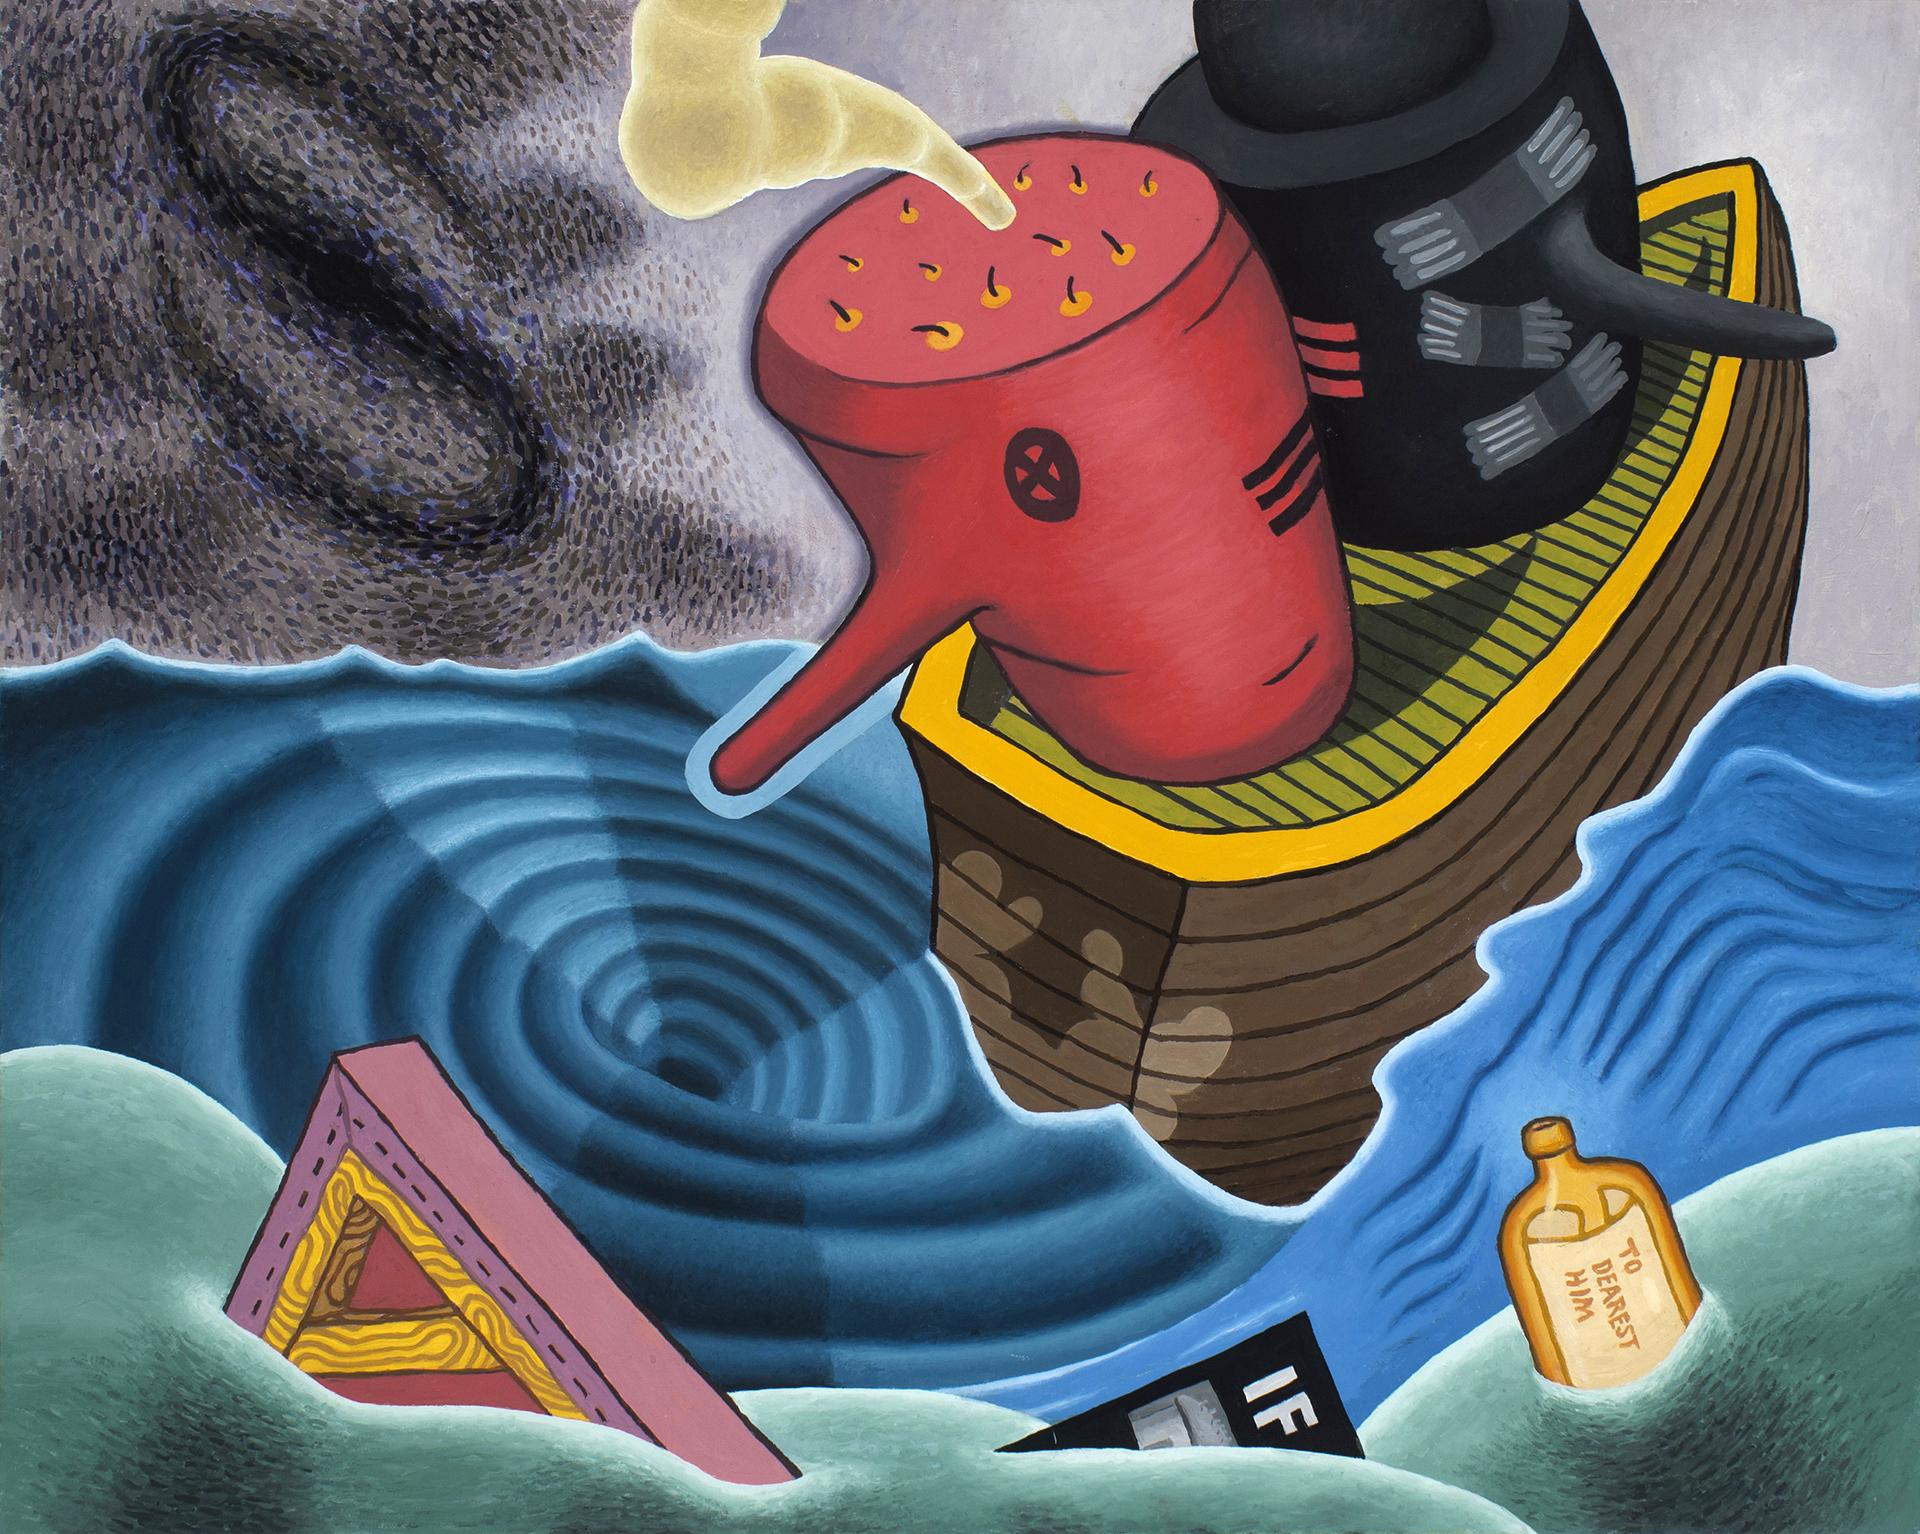 Paul Gillis 'Whirlpool' 2016 Oil on Board, 24 x 30 in